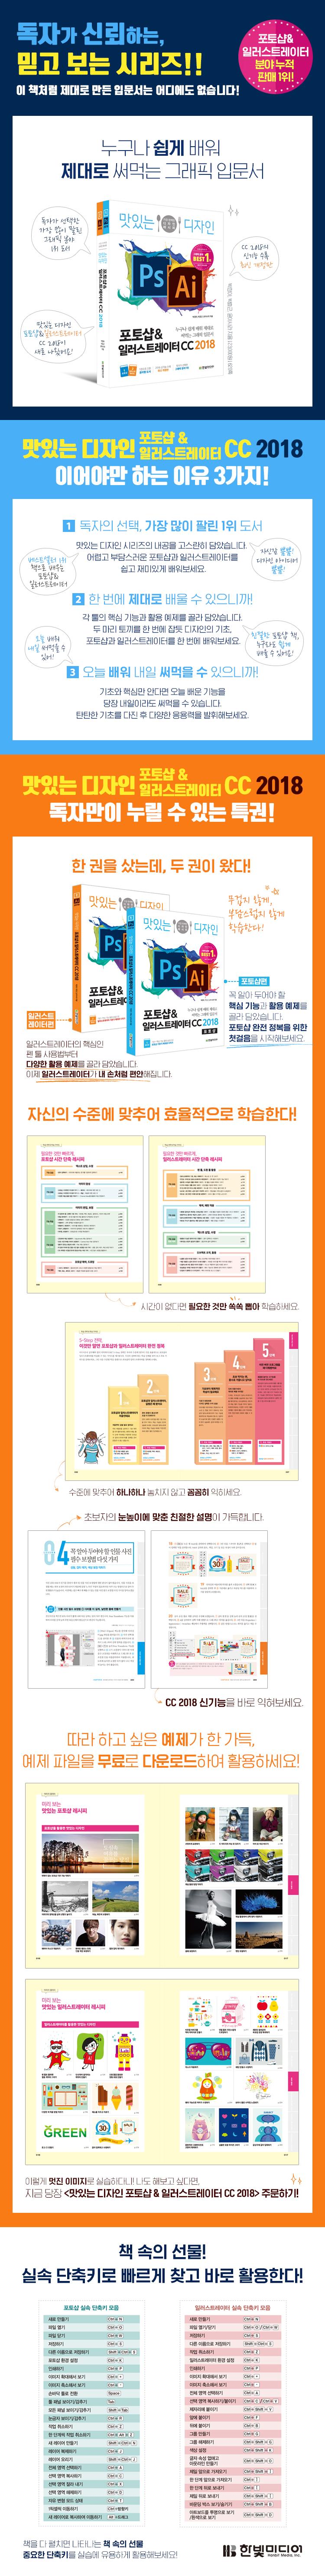 [상세페이지] 맛디 포&일 CC 2018_750_최종.jpg